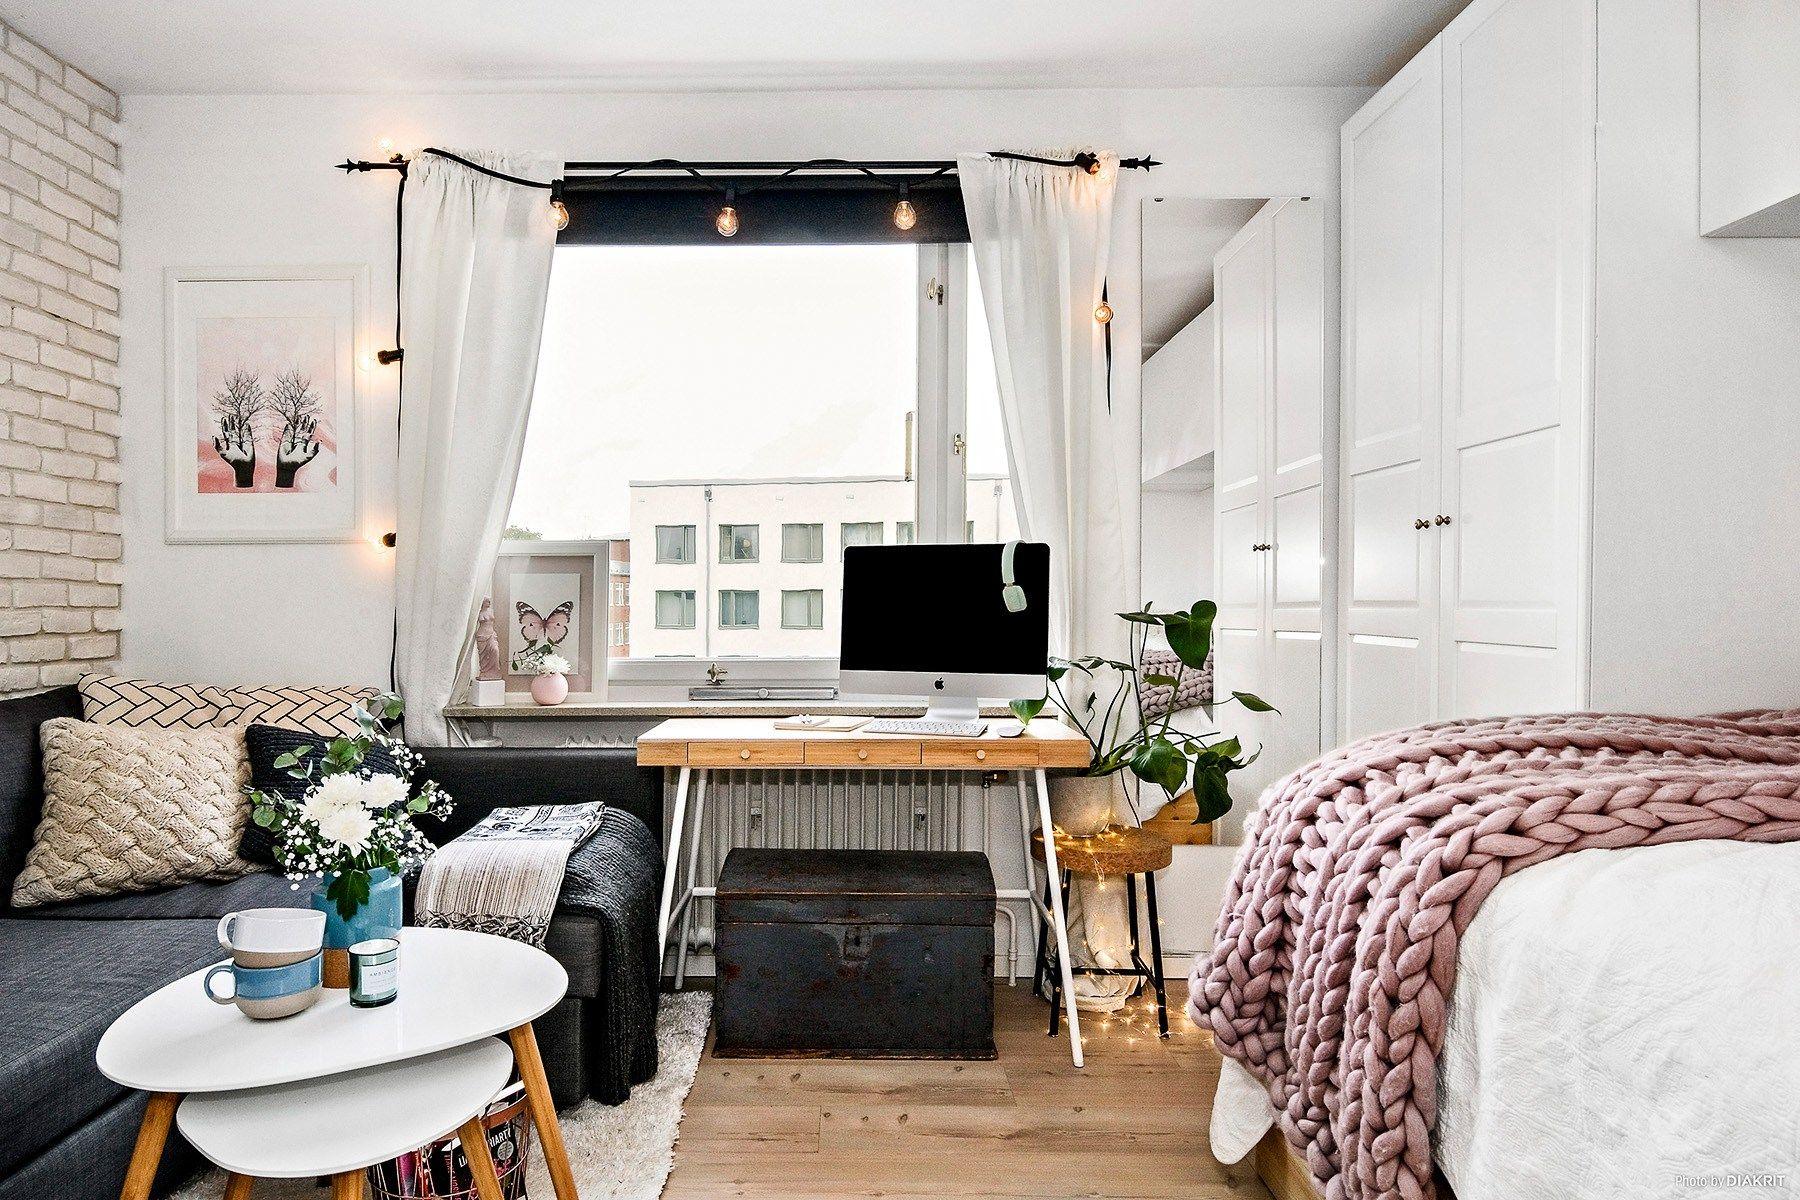 17+ Comment amenager un petit appartement trends